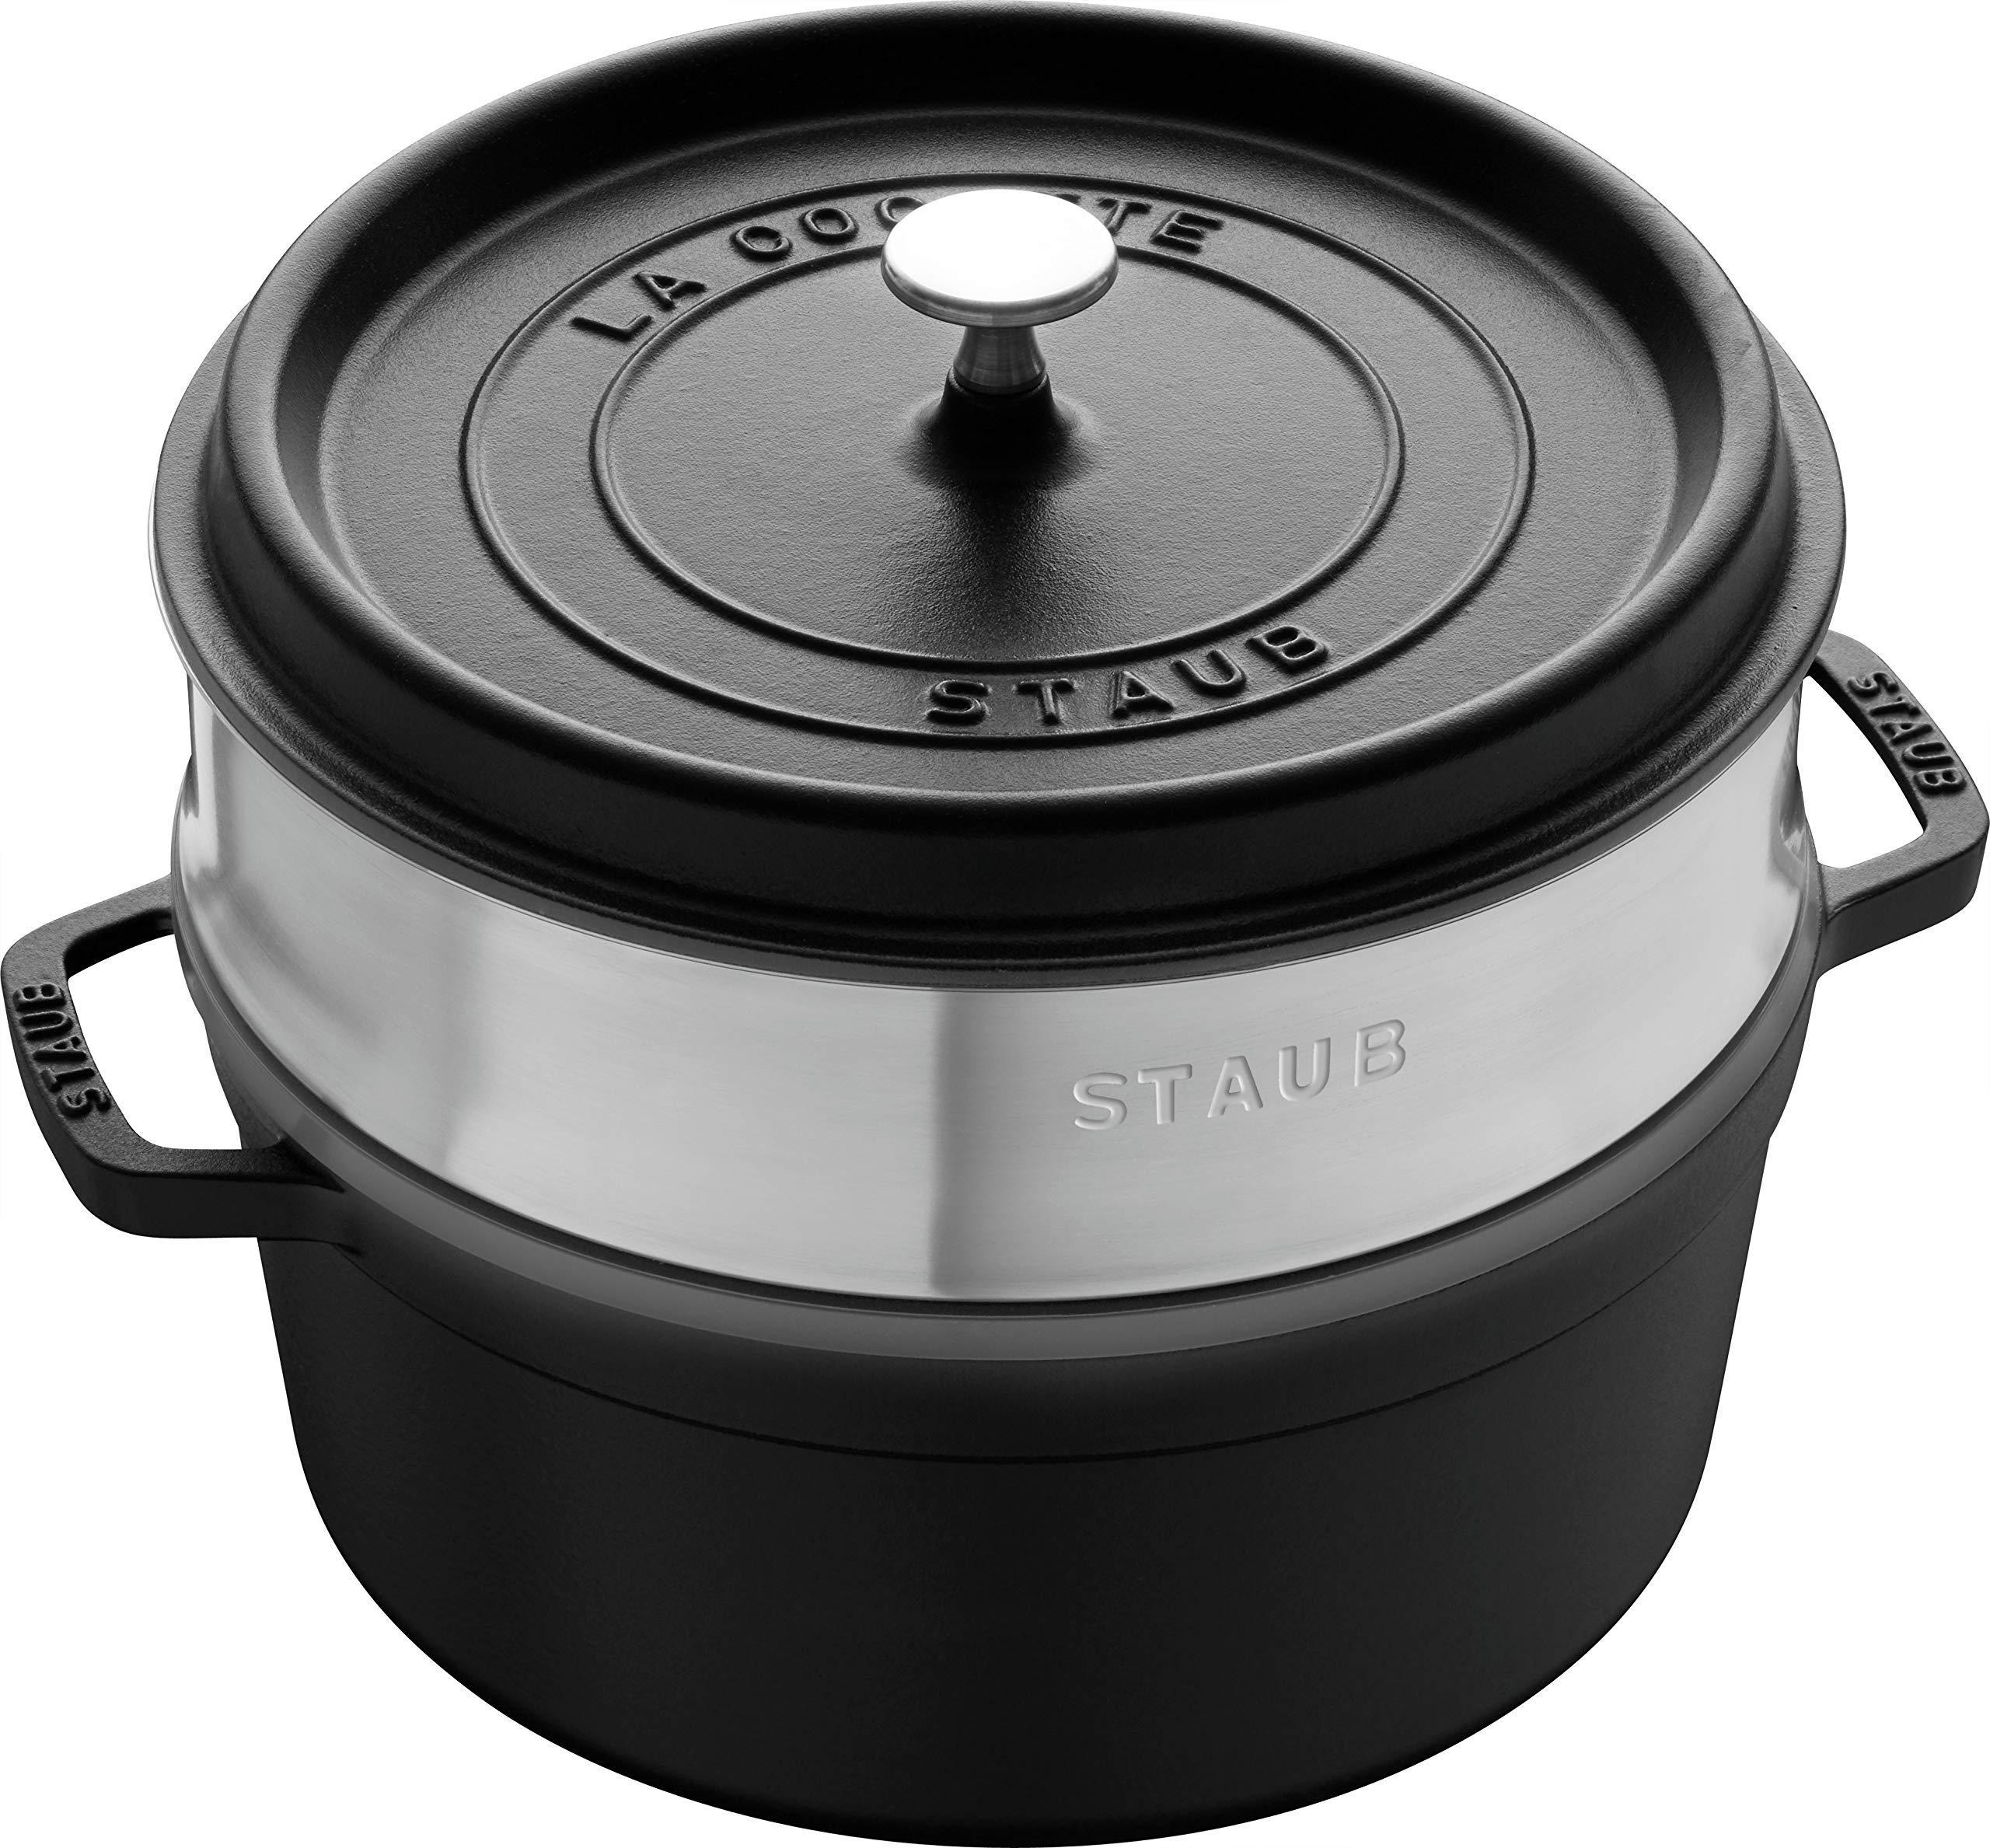 Staub 5.5 Quart Round Cocotte in Matte Black With Steamer Insert